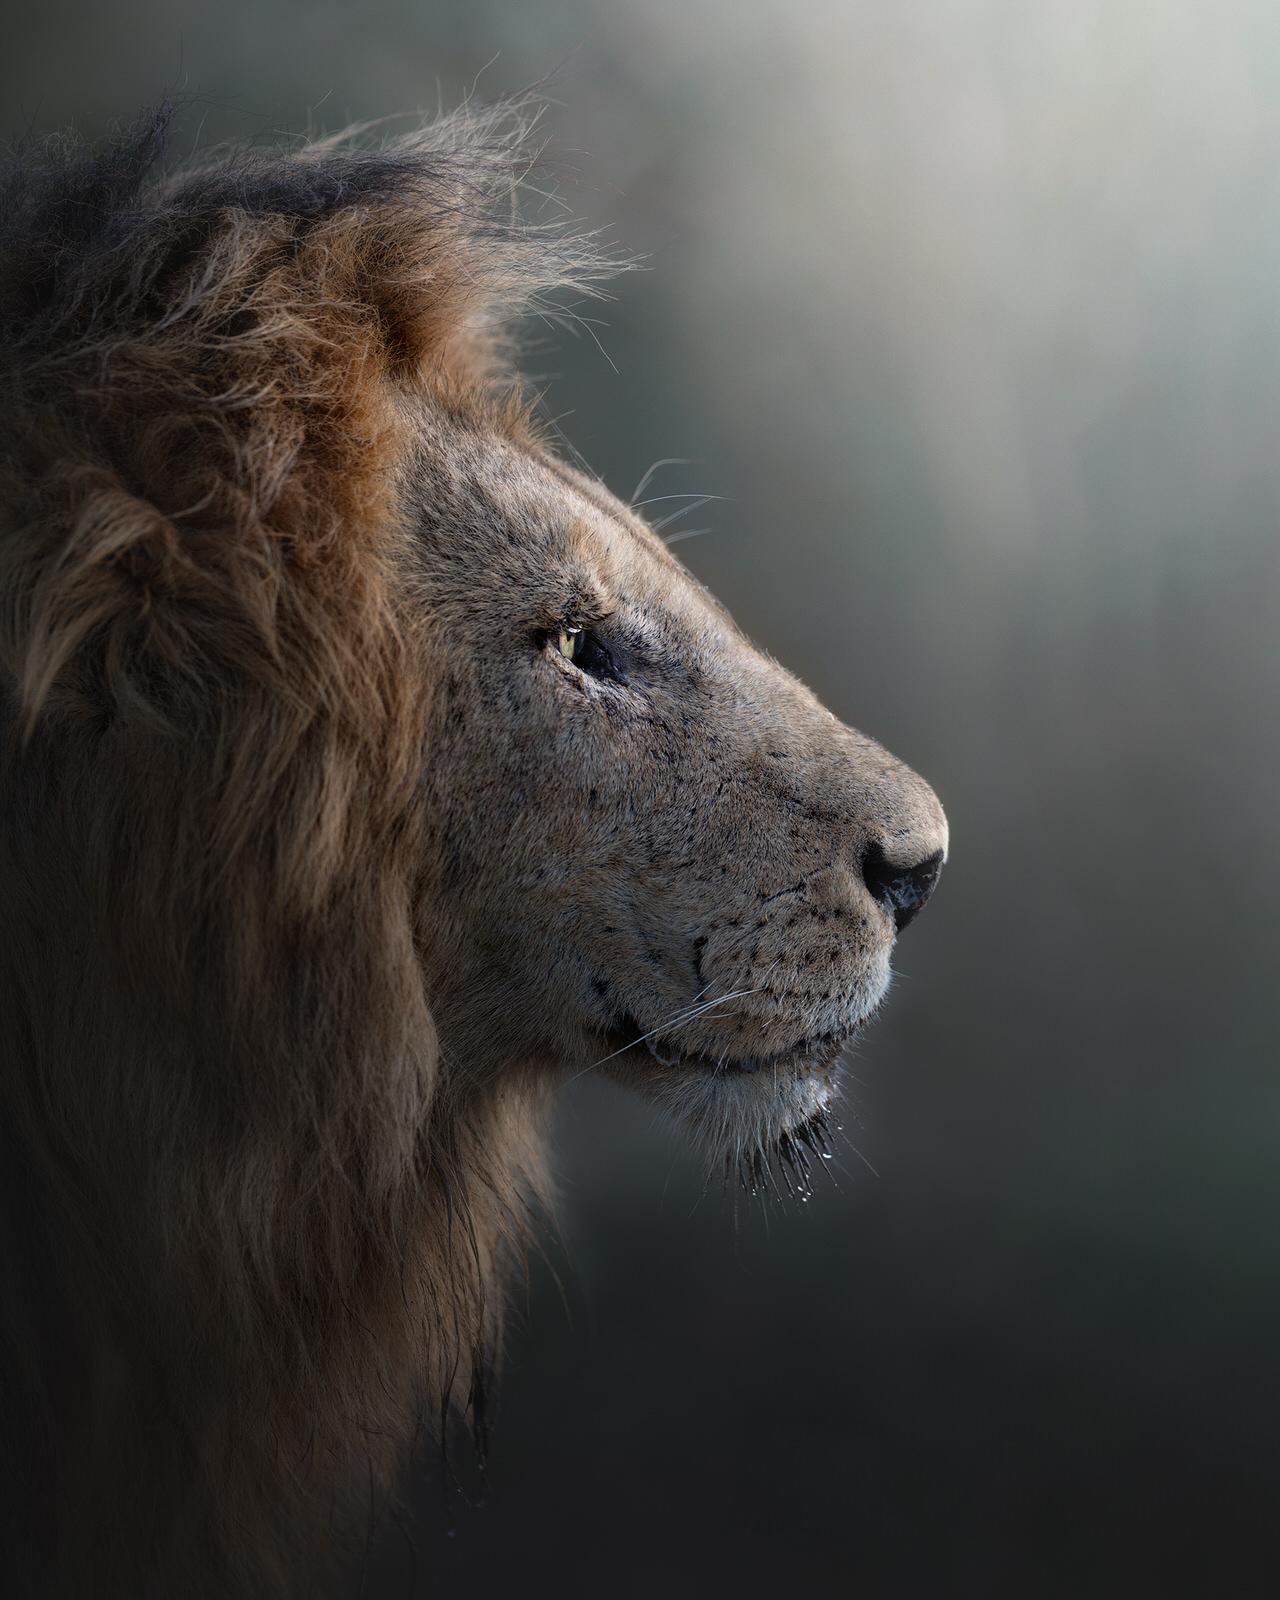 leone fotografia naturalistica africa